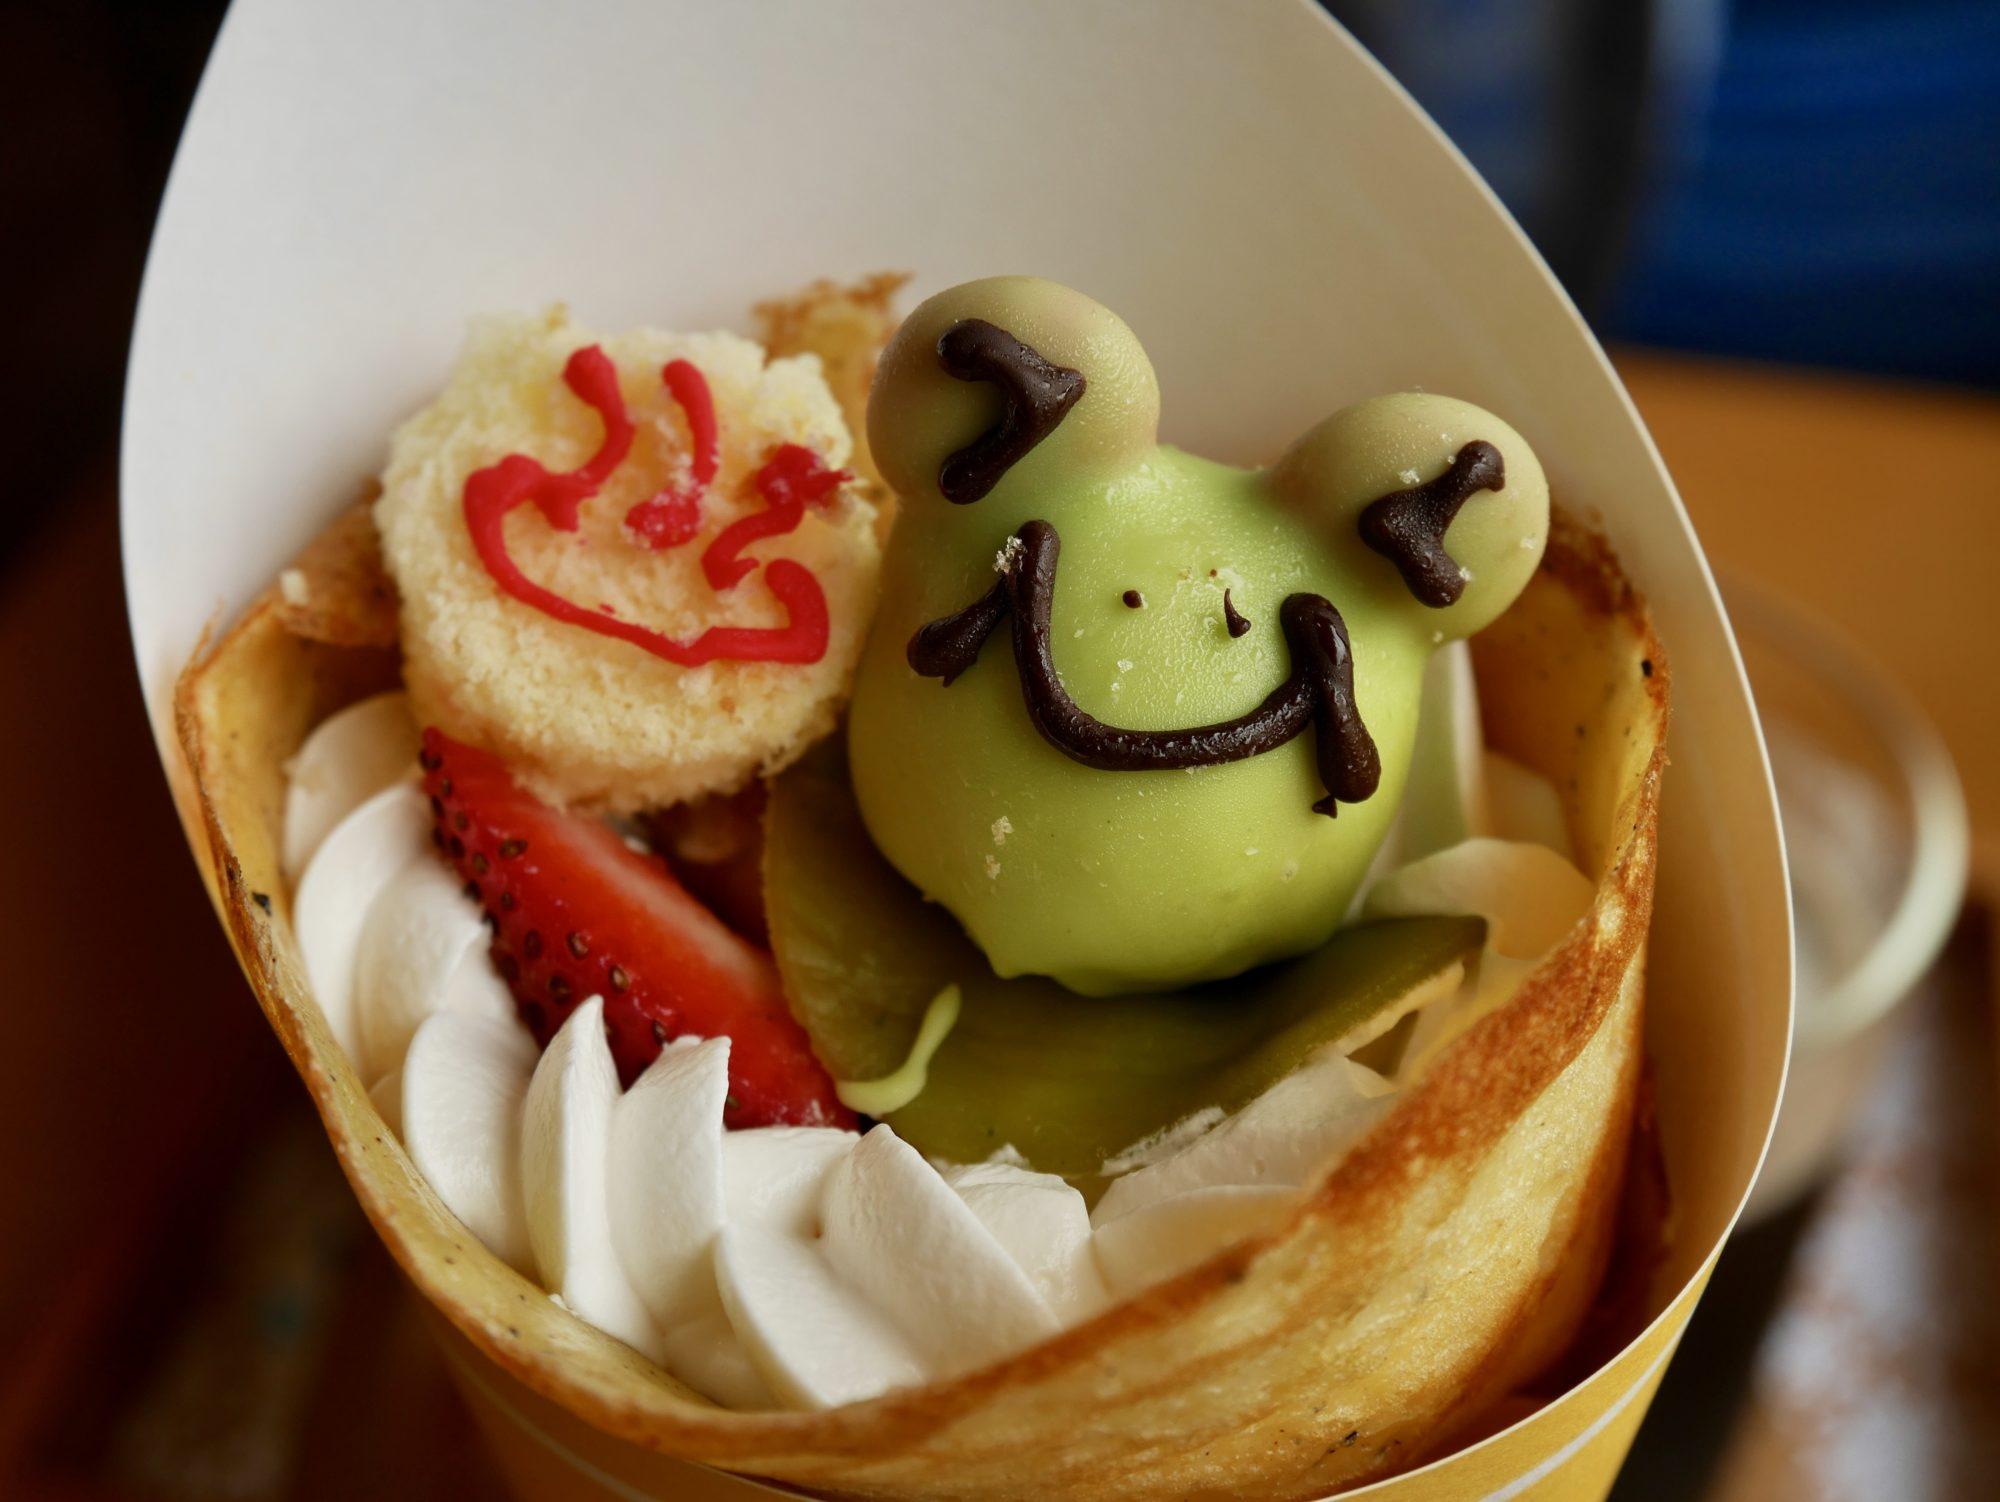 【下呂温泉限定スイーツ】カエルのお菓子が乗った、かわいいすぎるクレープ♡